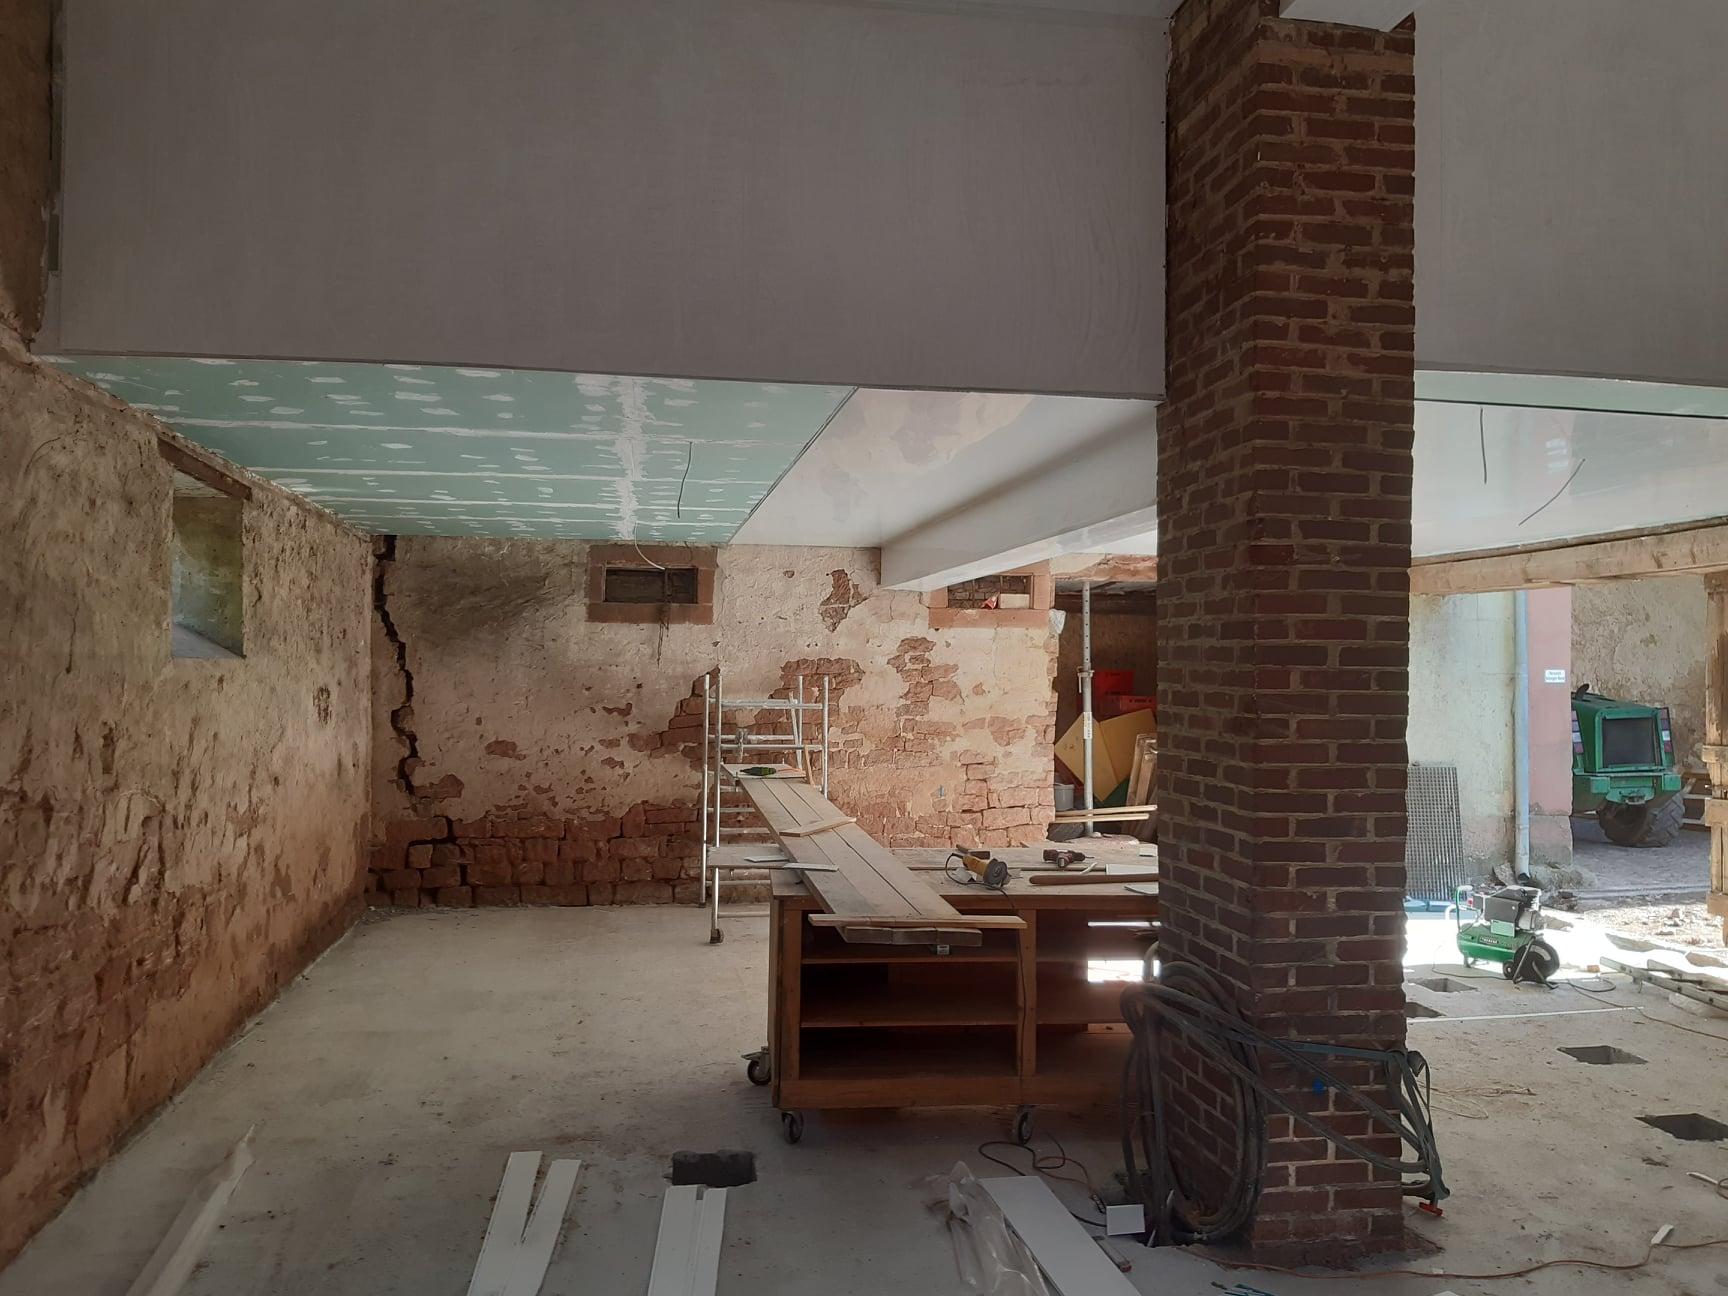 Einrichtung eines Käserei auf dem Klostergut Hahnerhof (Quelle: Klostergut Hahnerhof)